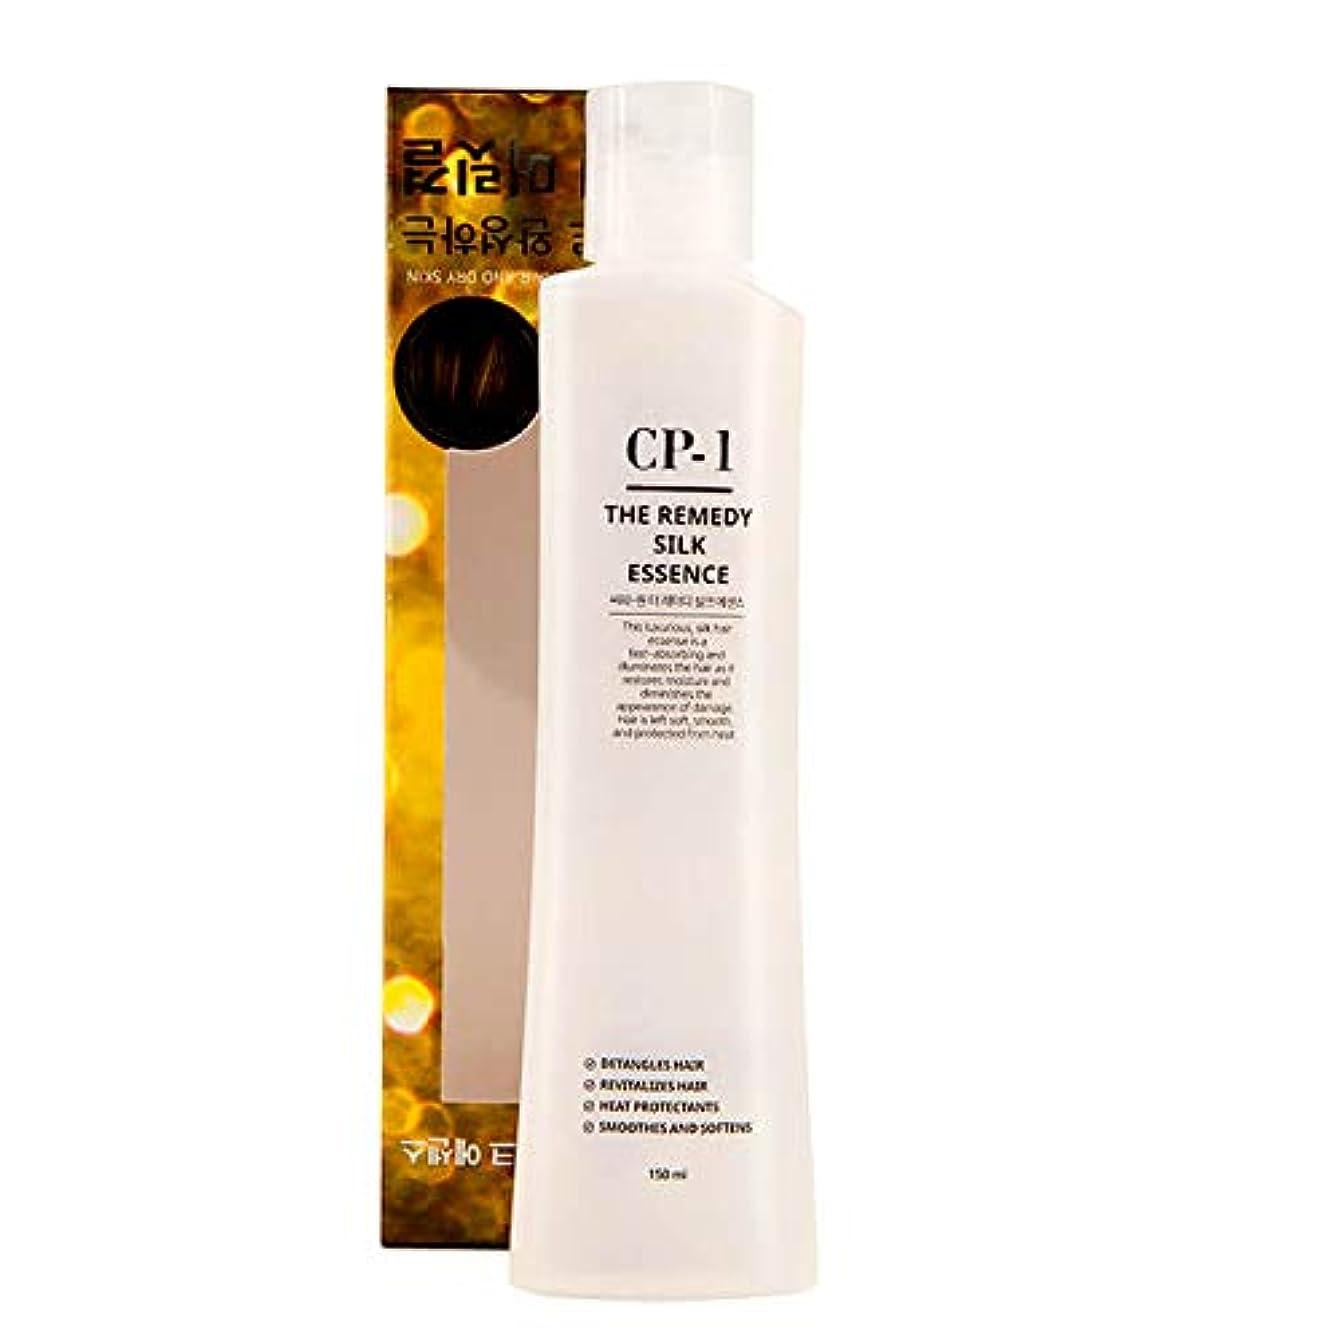 くさび裂け目透過性Esthetic House[エステティックハウス] CP-1 治療シルクエッセンス 150ml (傷んだ髪や乾燥肌の韓国のヘアケアに) / The Remedy Silk Essence